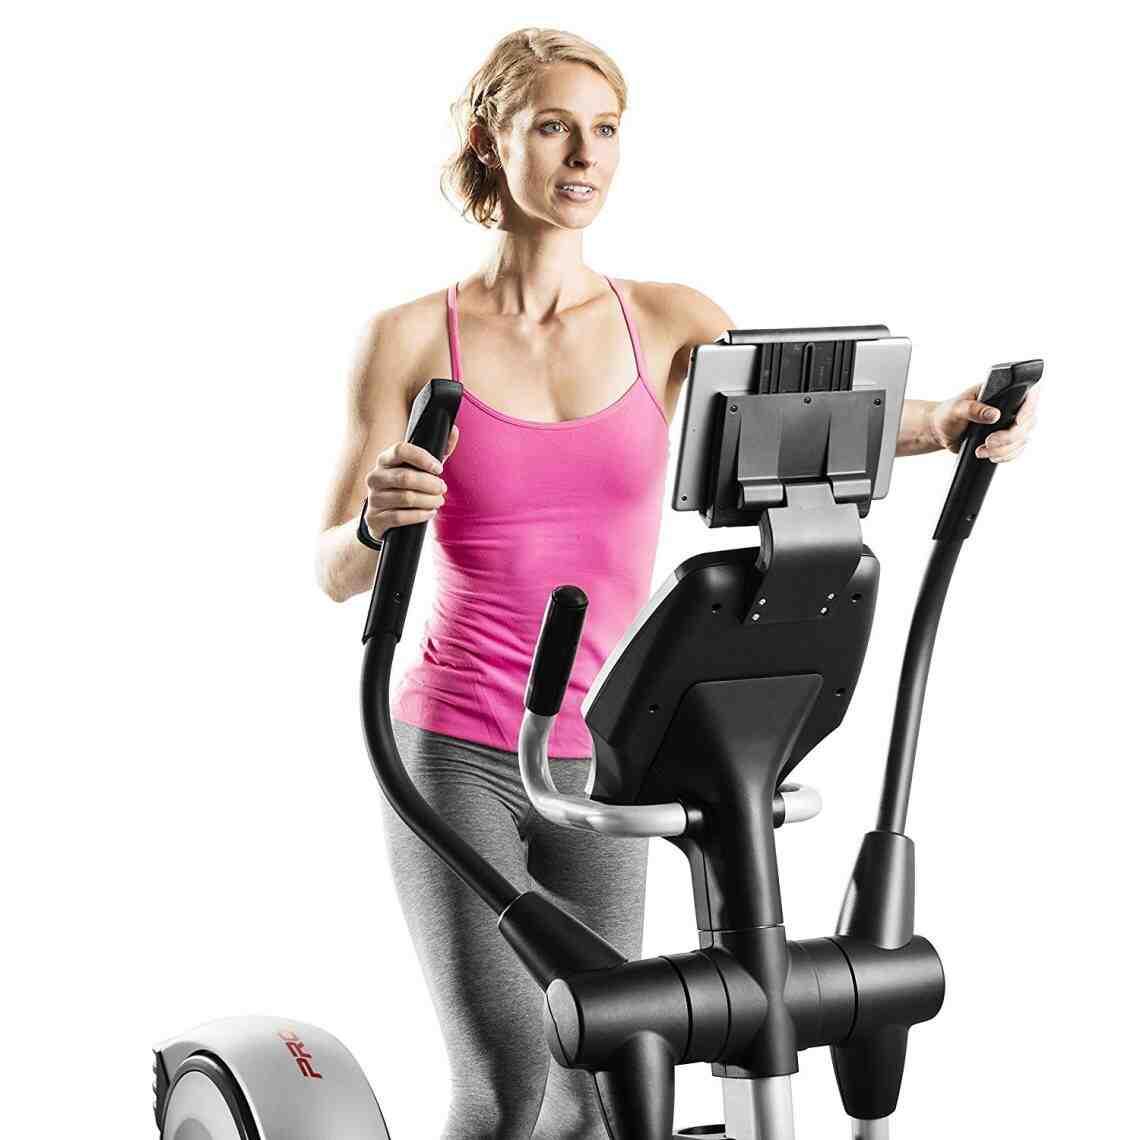 Quel est le meilleur moment pour faire fonctionner un vélo elliptique?